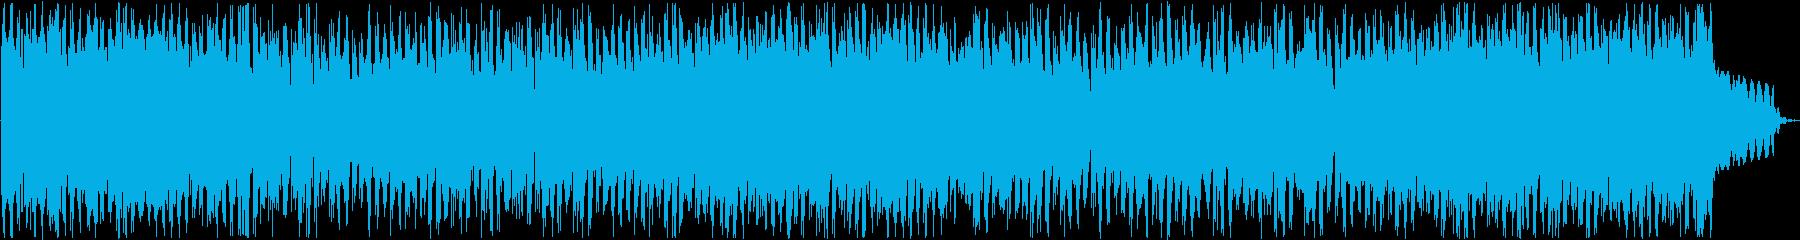 爽やかな日常を表現するようなBGMの再生済みの波形